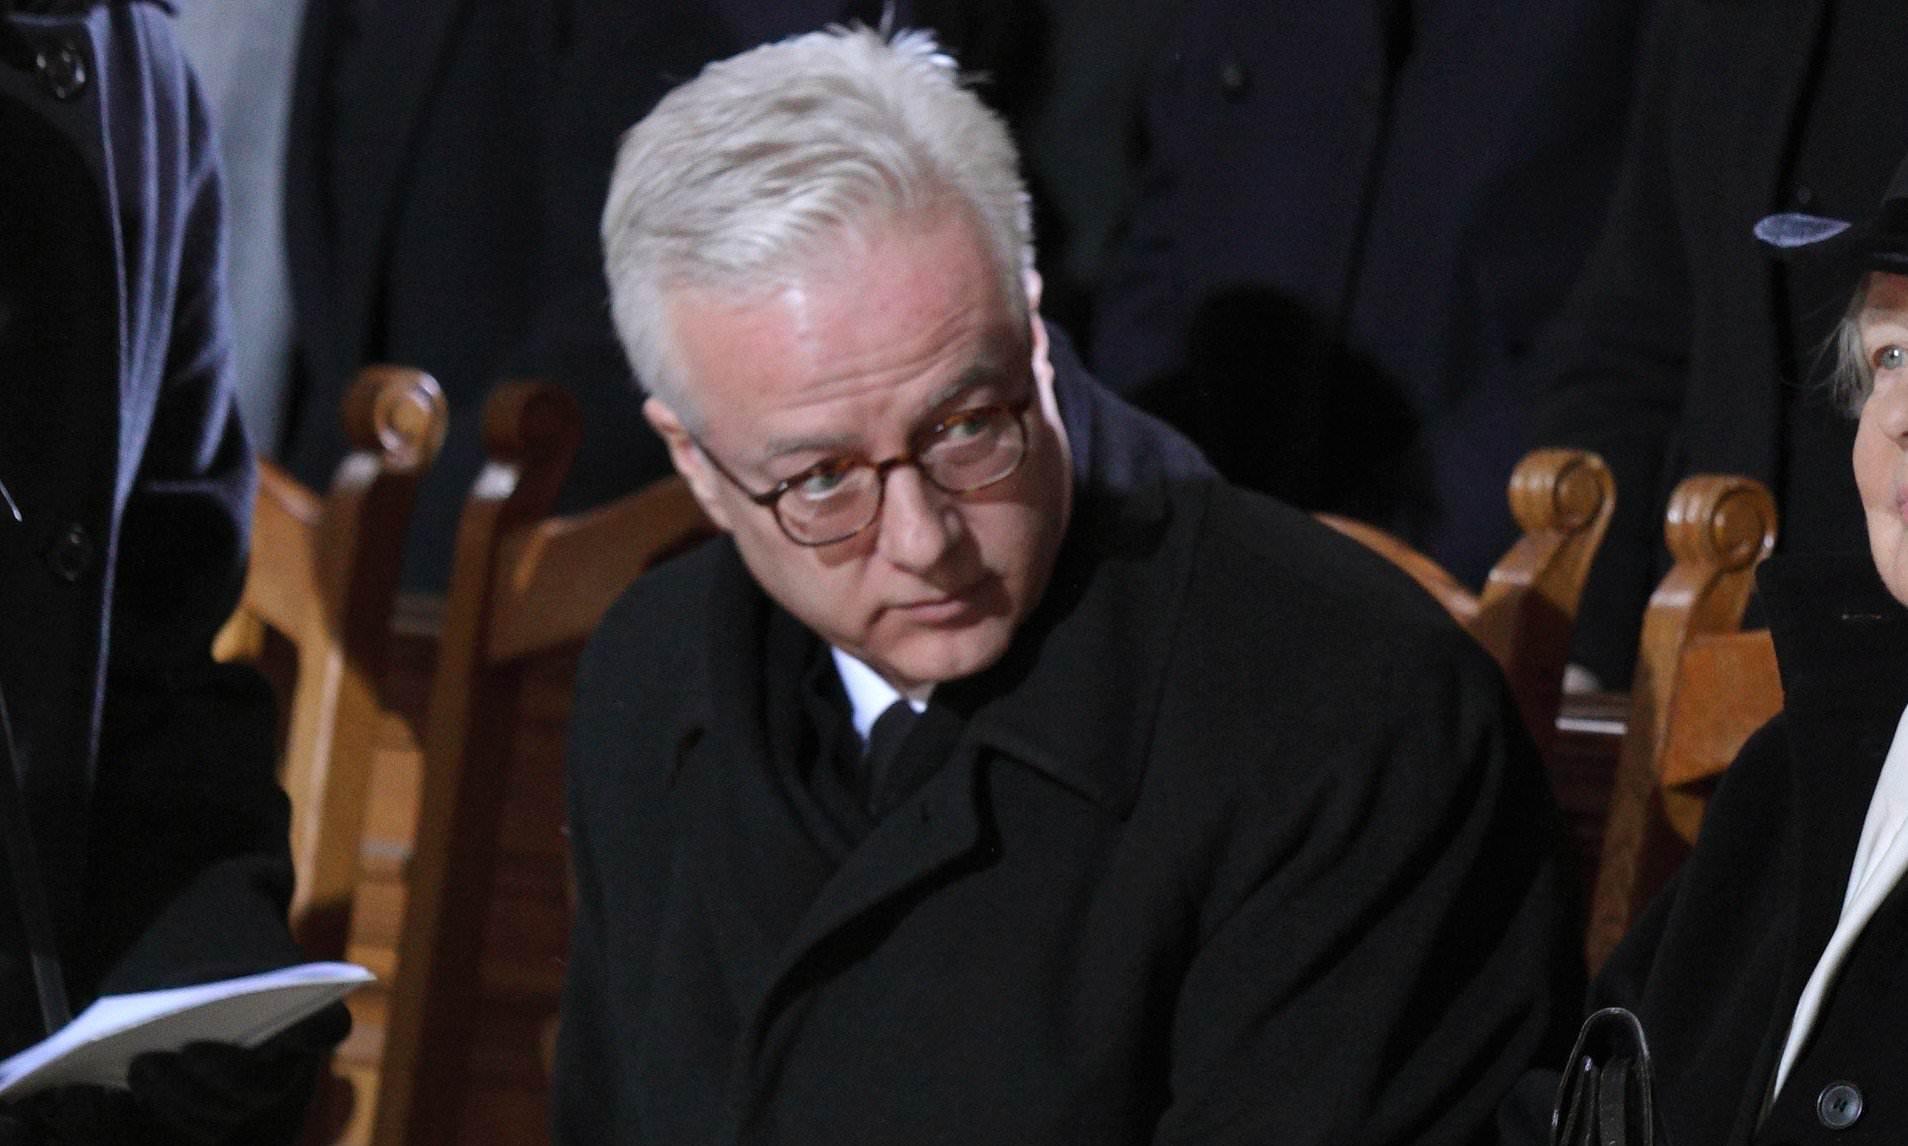 Fritz von Weizsäcker, fiul fostului președinte al Germaniei Richard von Weizsäcker